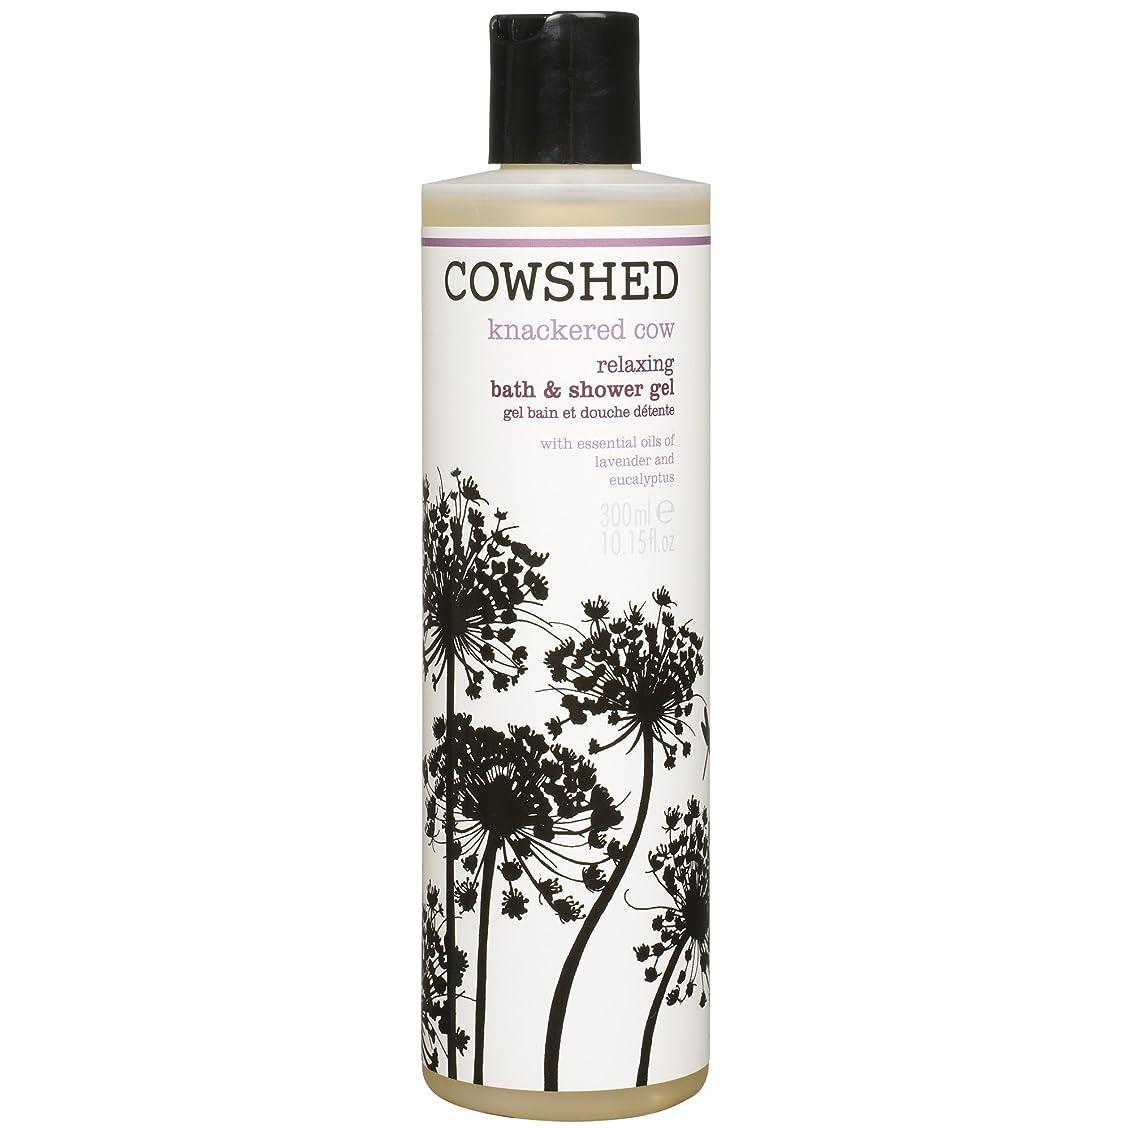 ラダに勝る残忍な牛舎は、バス&シャワージェル300ミリリットルを緩和牛をくたくたに疲れました (Cowshed) - Cowshed Knackered Cow Relaxing Bath & Shower Gel 300ml [並行輸入品]